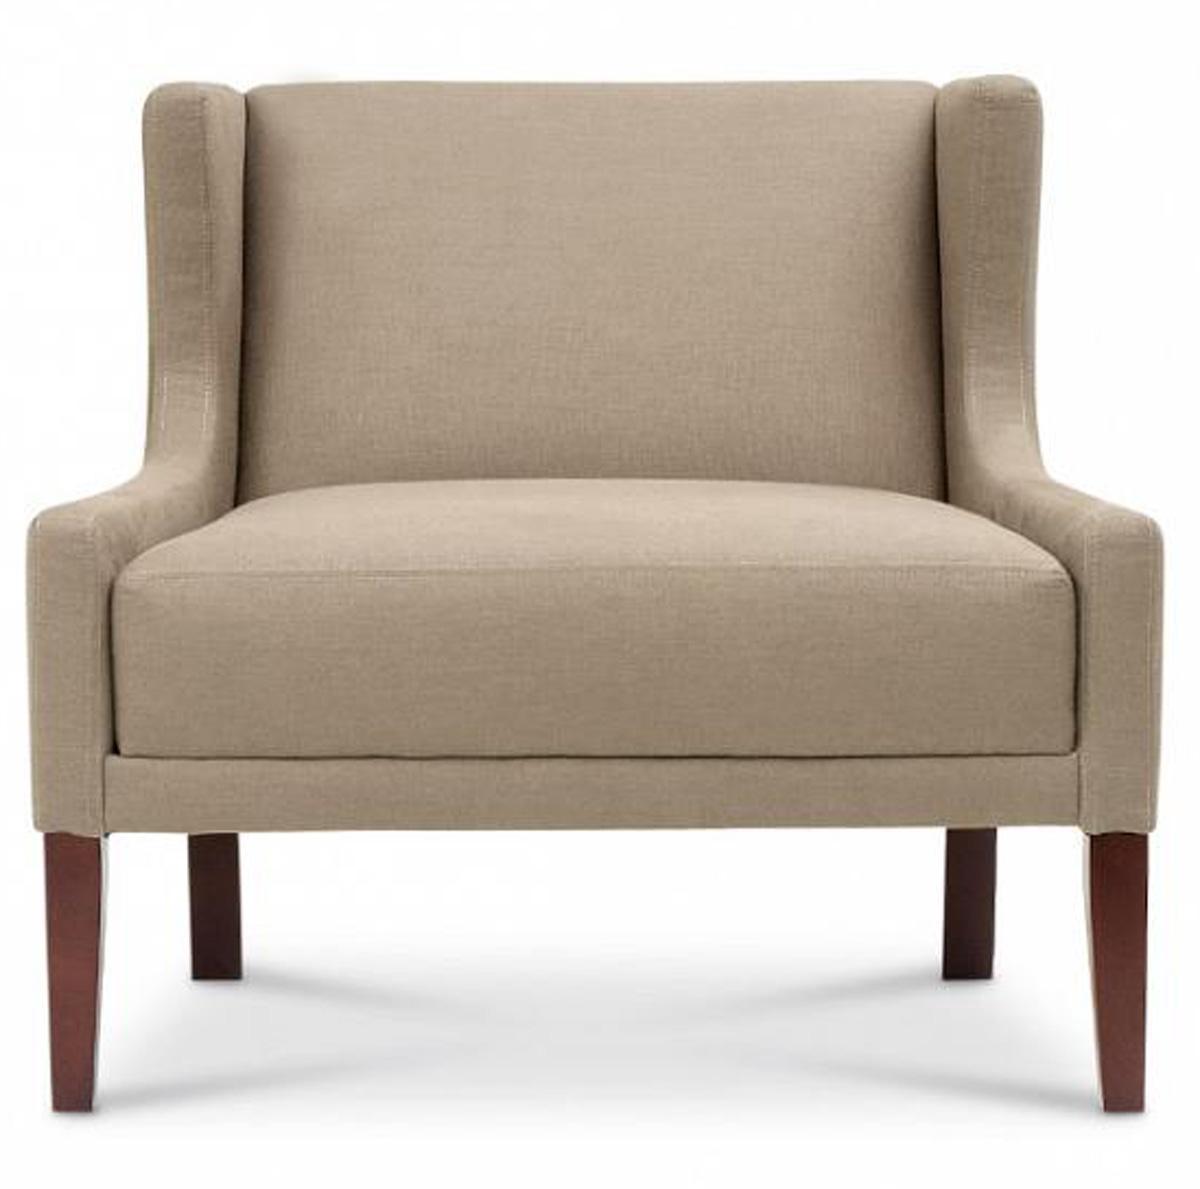 Upholstery Slipper Chair